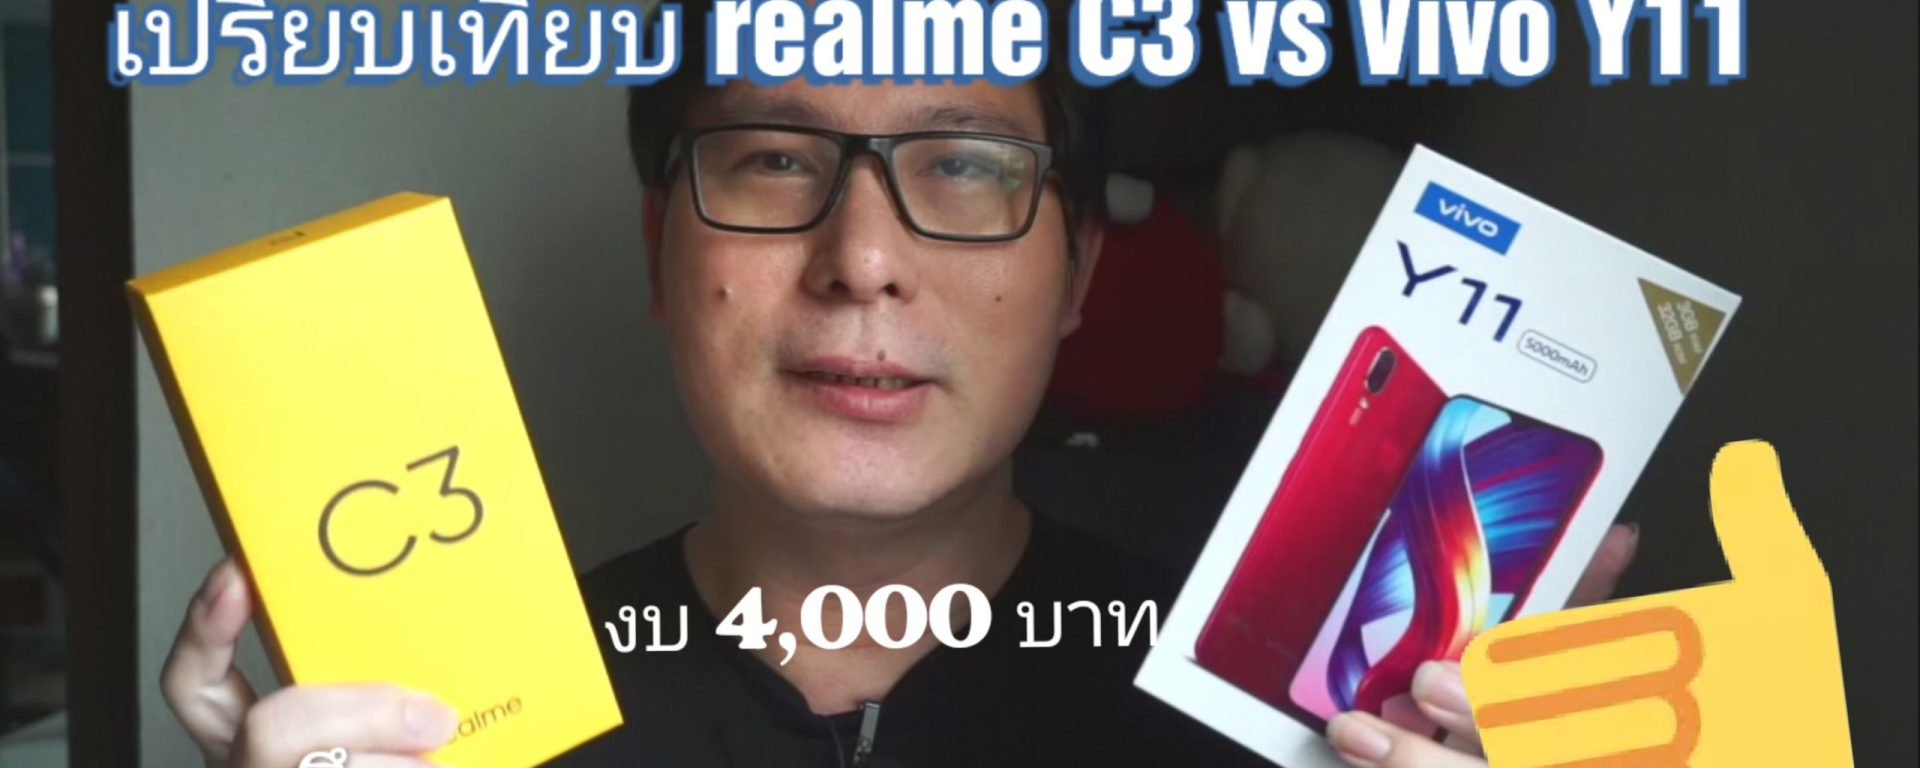 เปรียบเทียบ realme C3 vs Vivo Y11